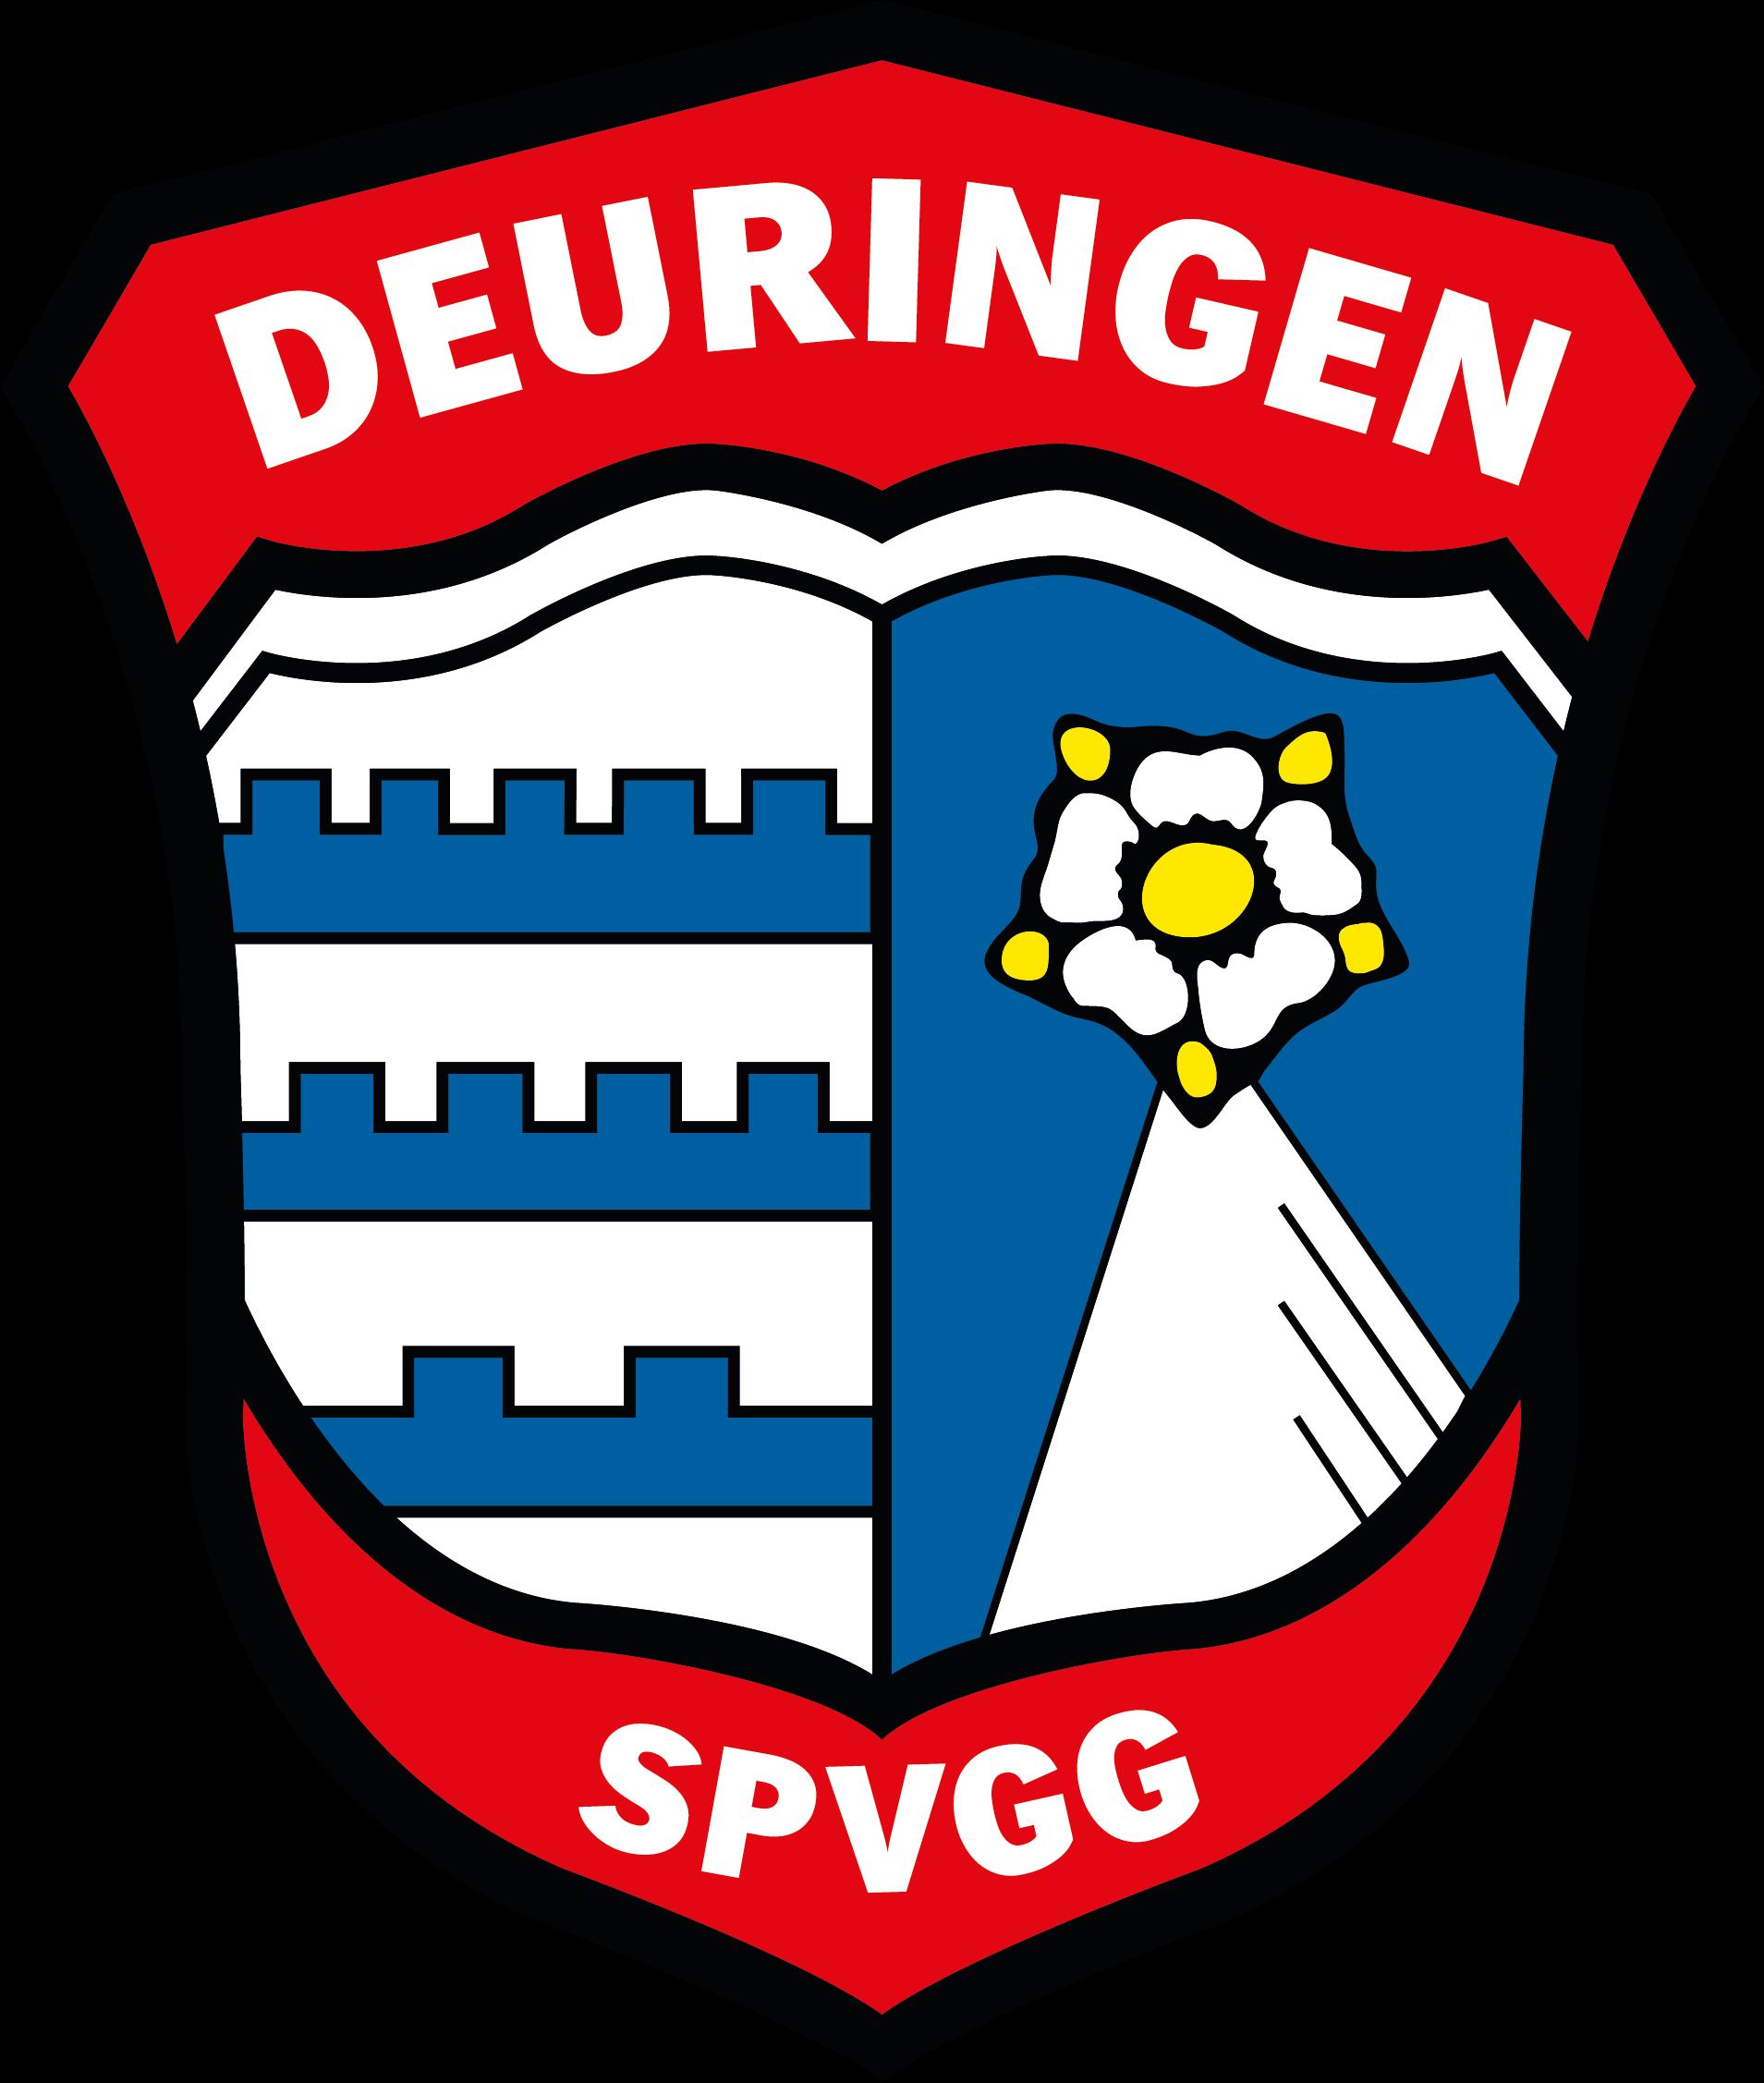 SpVgg Deuringen e. V.